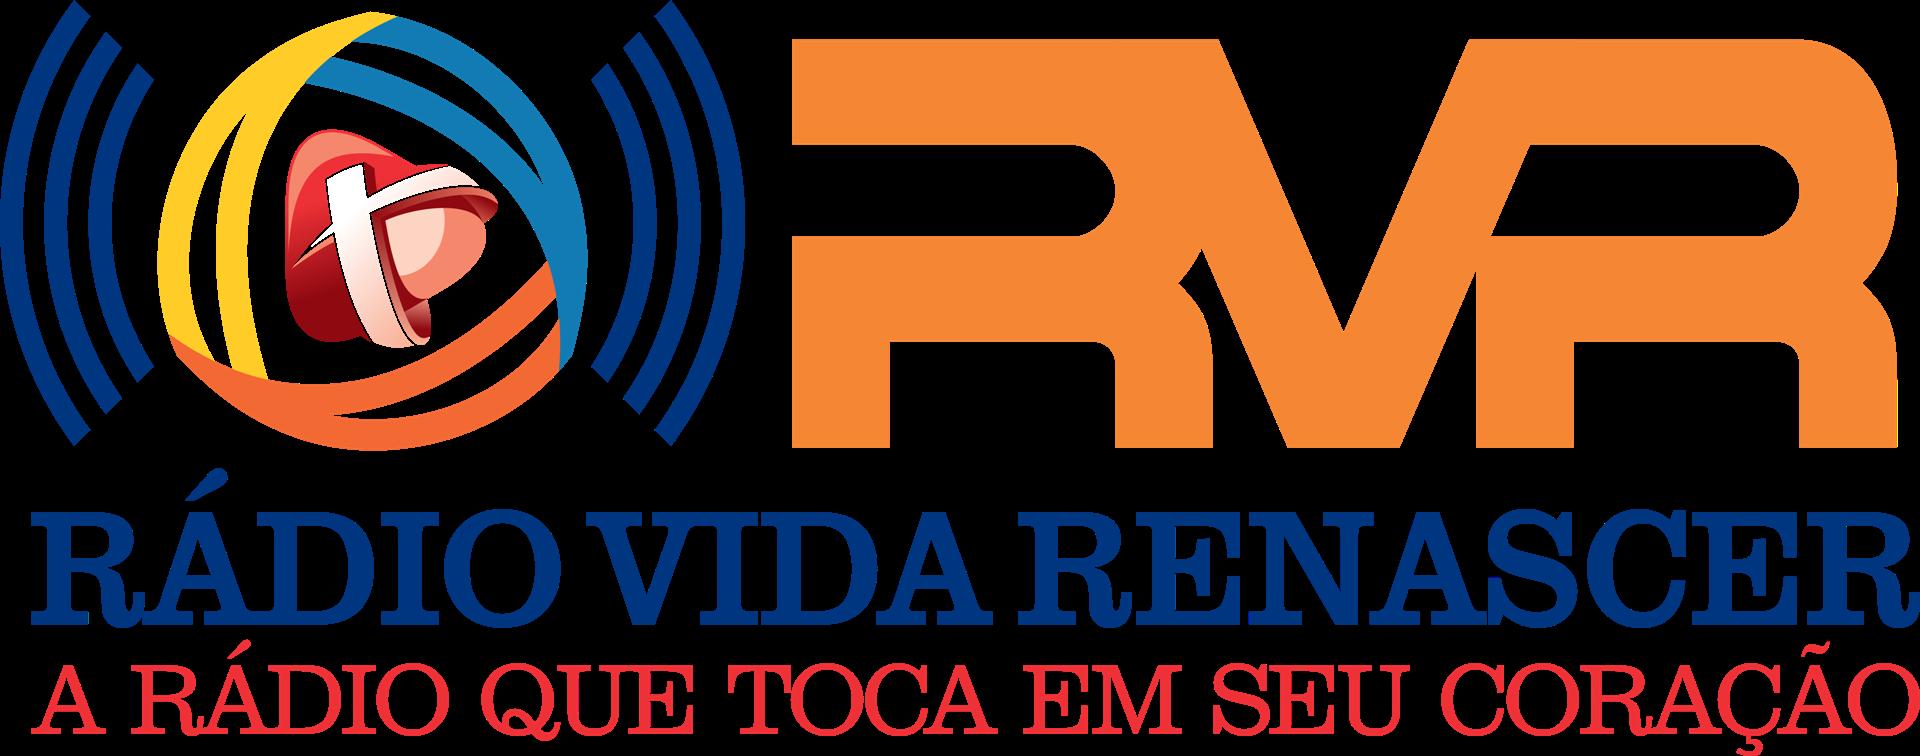 RVR - Rádio Vida Renascer -  Digital